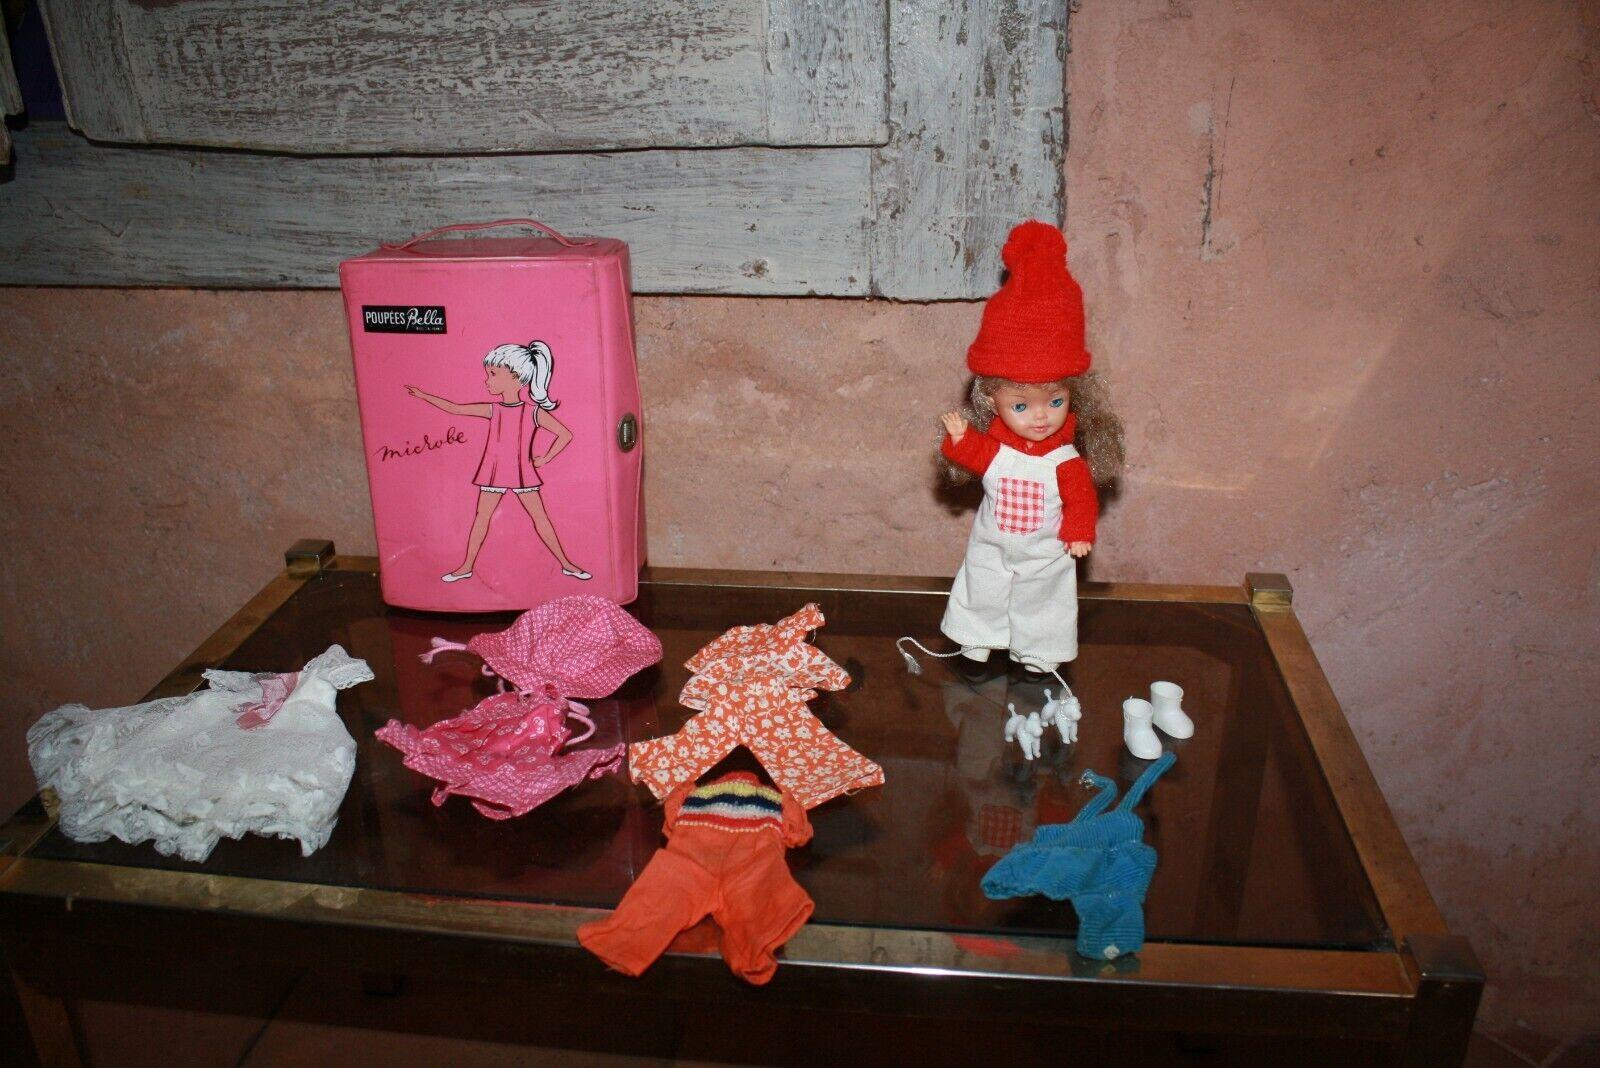 jouet ancien poupée manequin bella microbe + malette + tenues + caniches